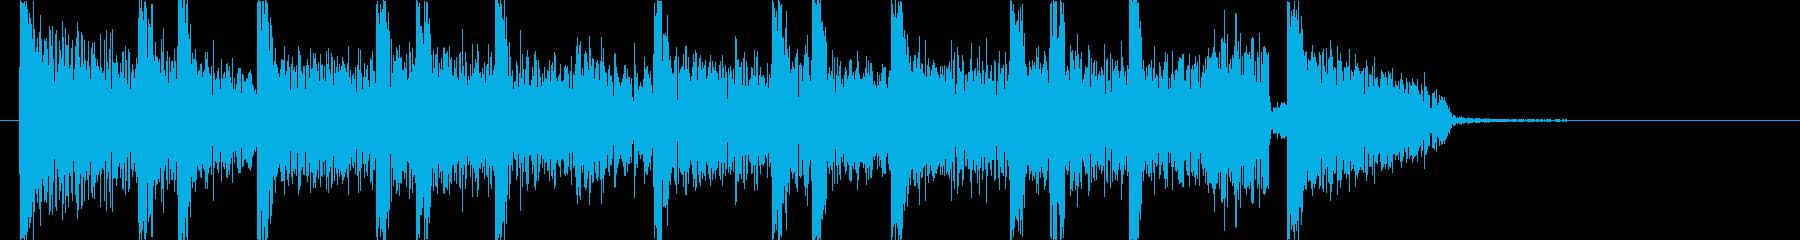 重低音短めのサウンドロゴの再生済みの波形